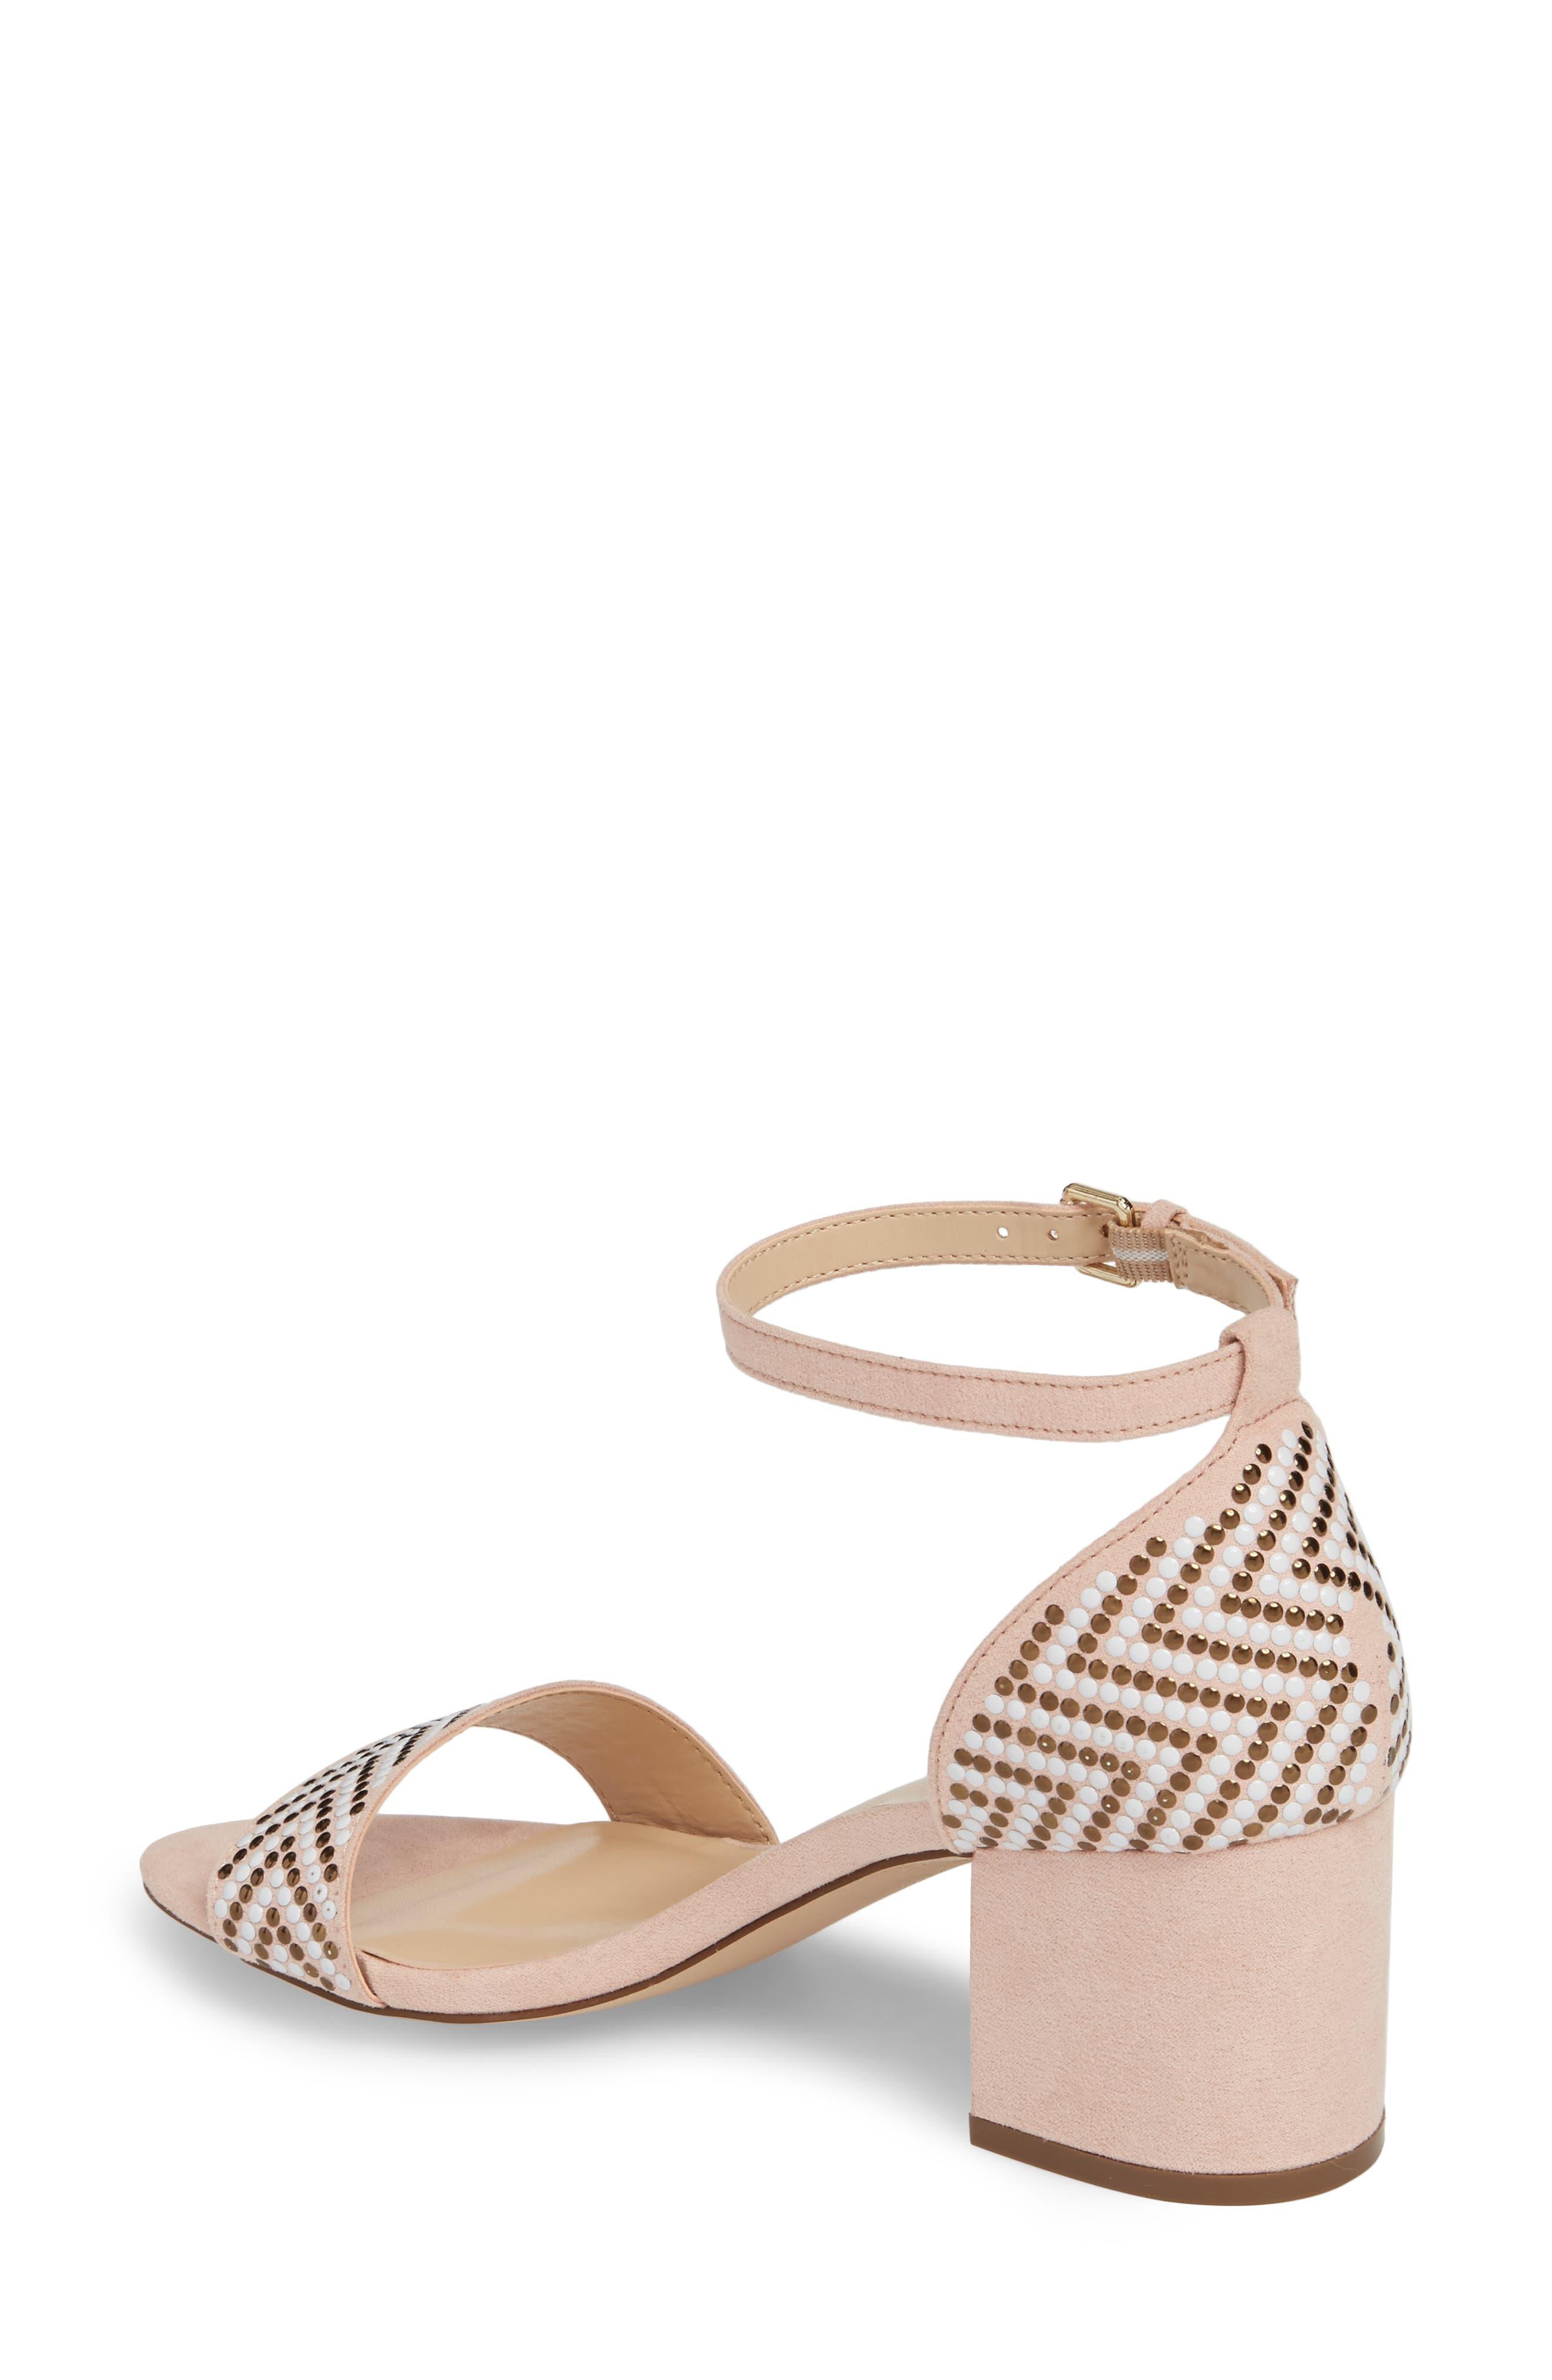 Mercer Ankle Strap Sandal,                             Alternate thumbnail 2, color,                             650